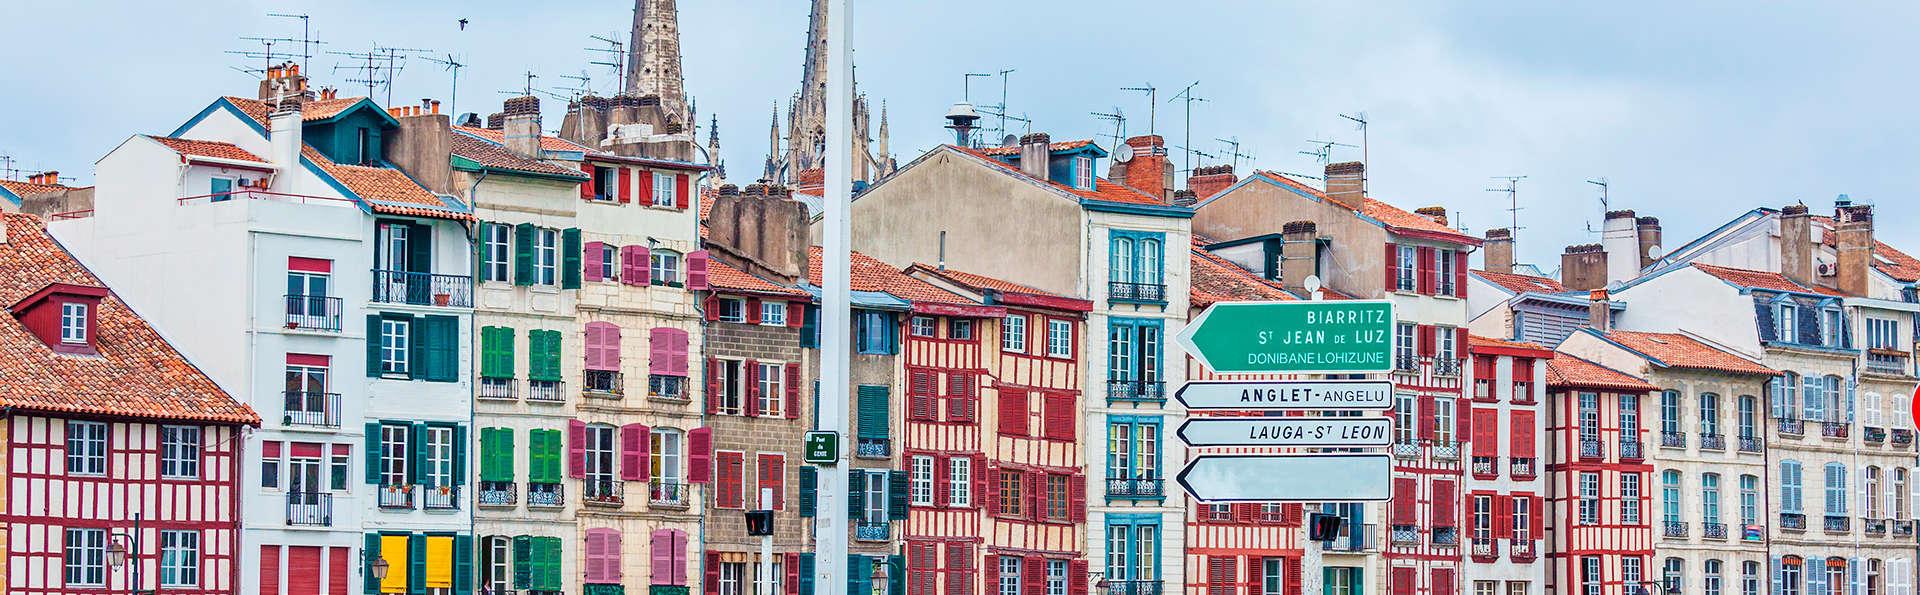 Mercure Bayonne Centre Le Grand Hôtel - EDIT_destination4.jpg